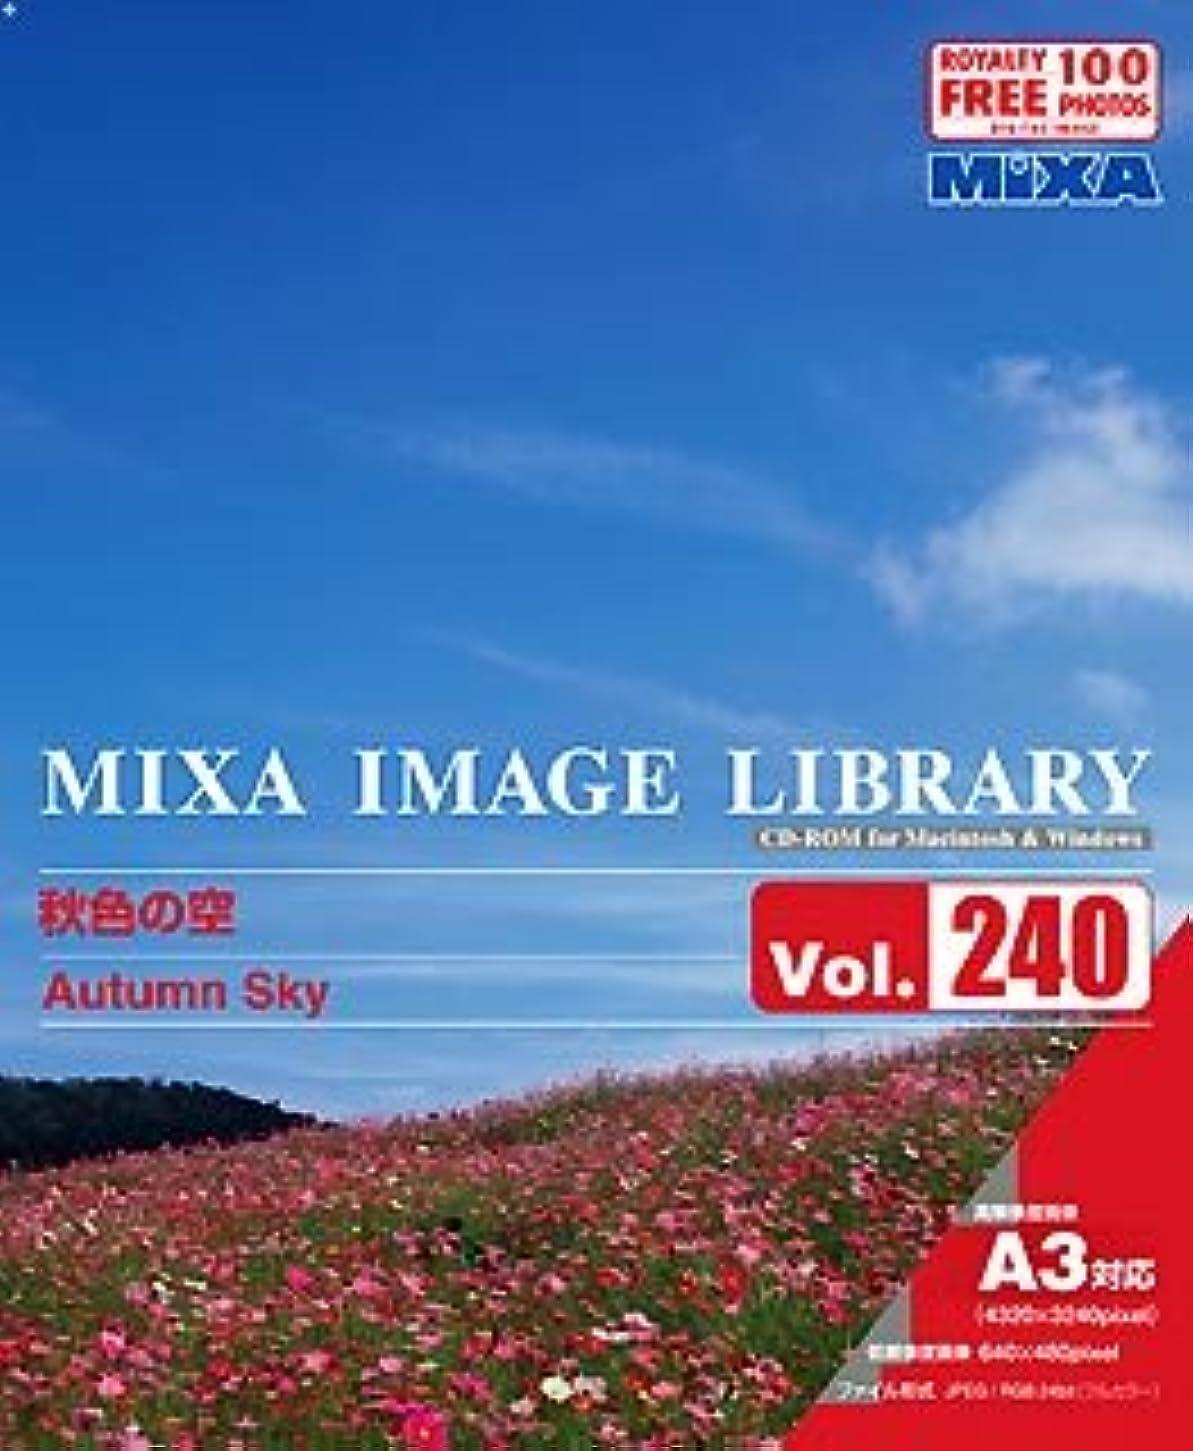 ランタン恐怖雄弁MIXA Image Library Vol.240 秋色の空